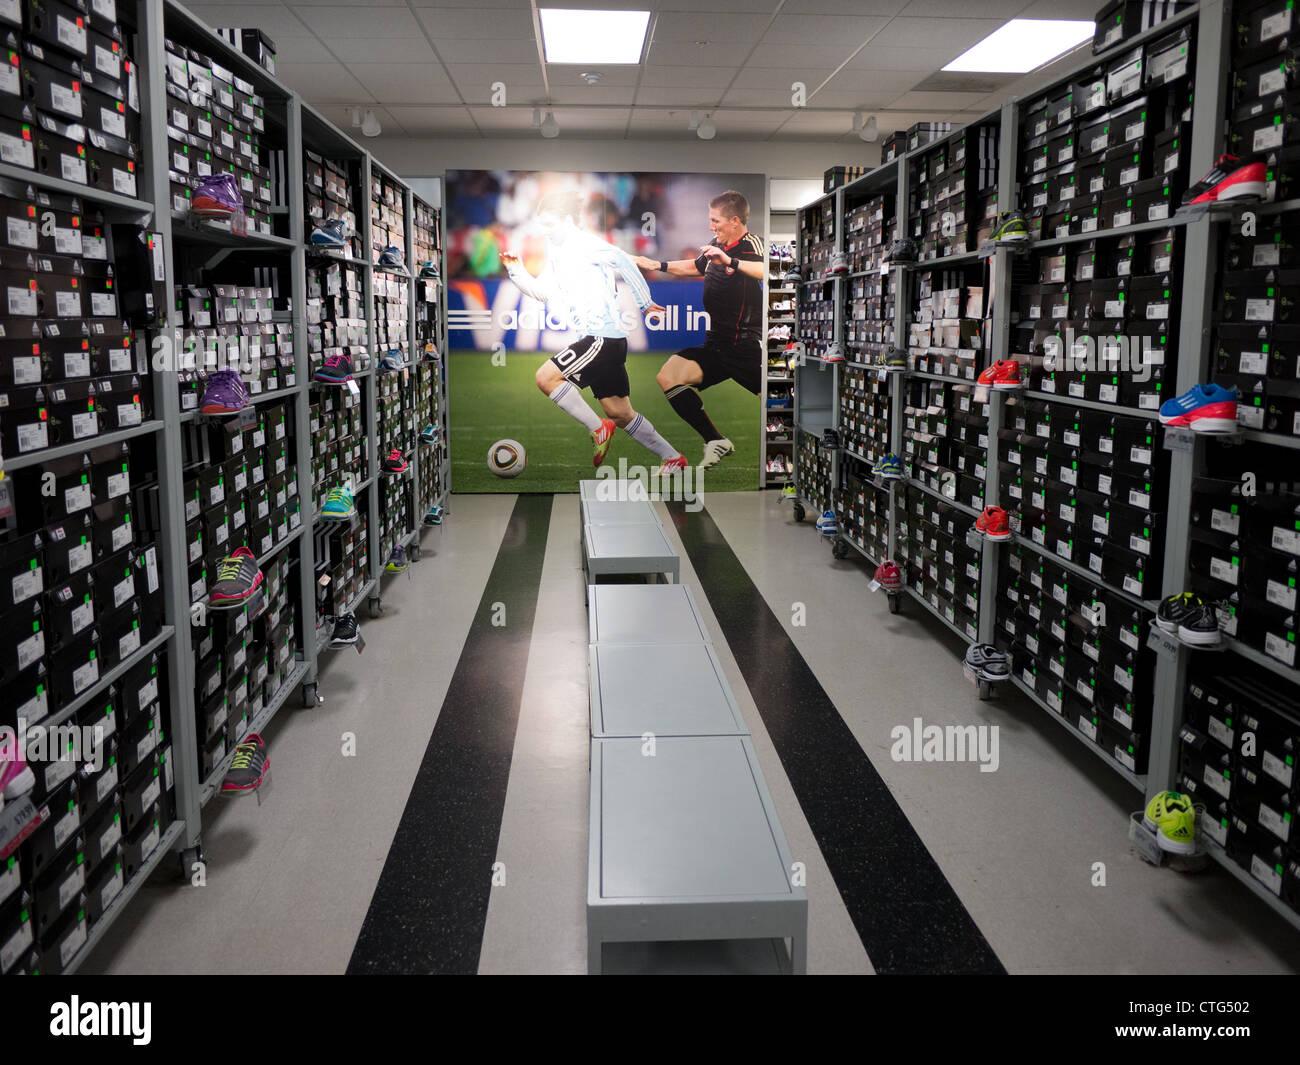 Magasin de chaussures au détail boîte de pile vide adidas